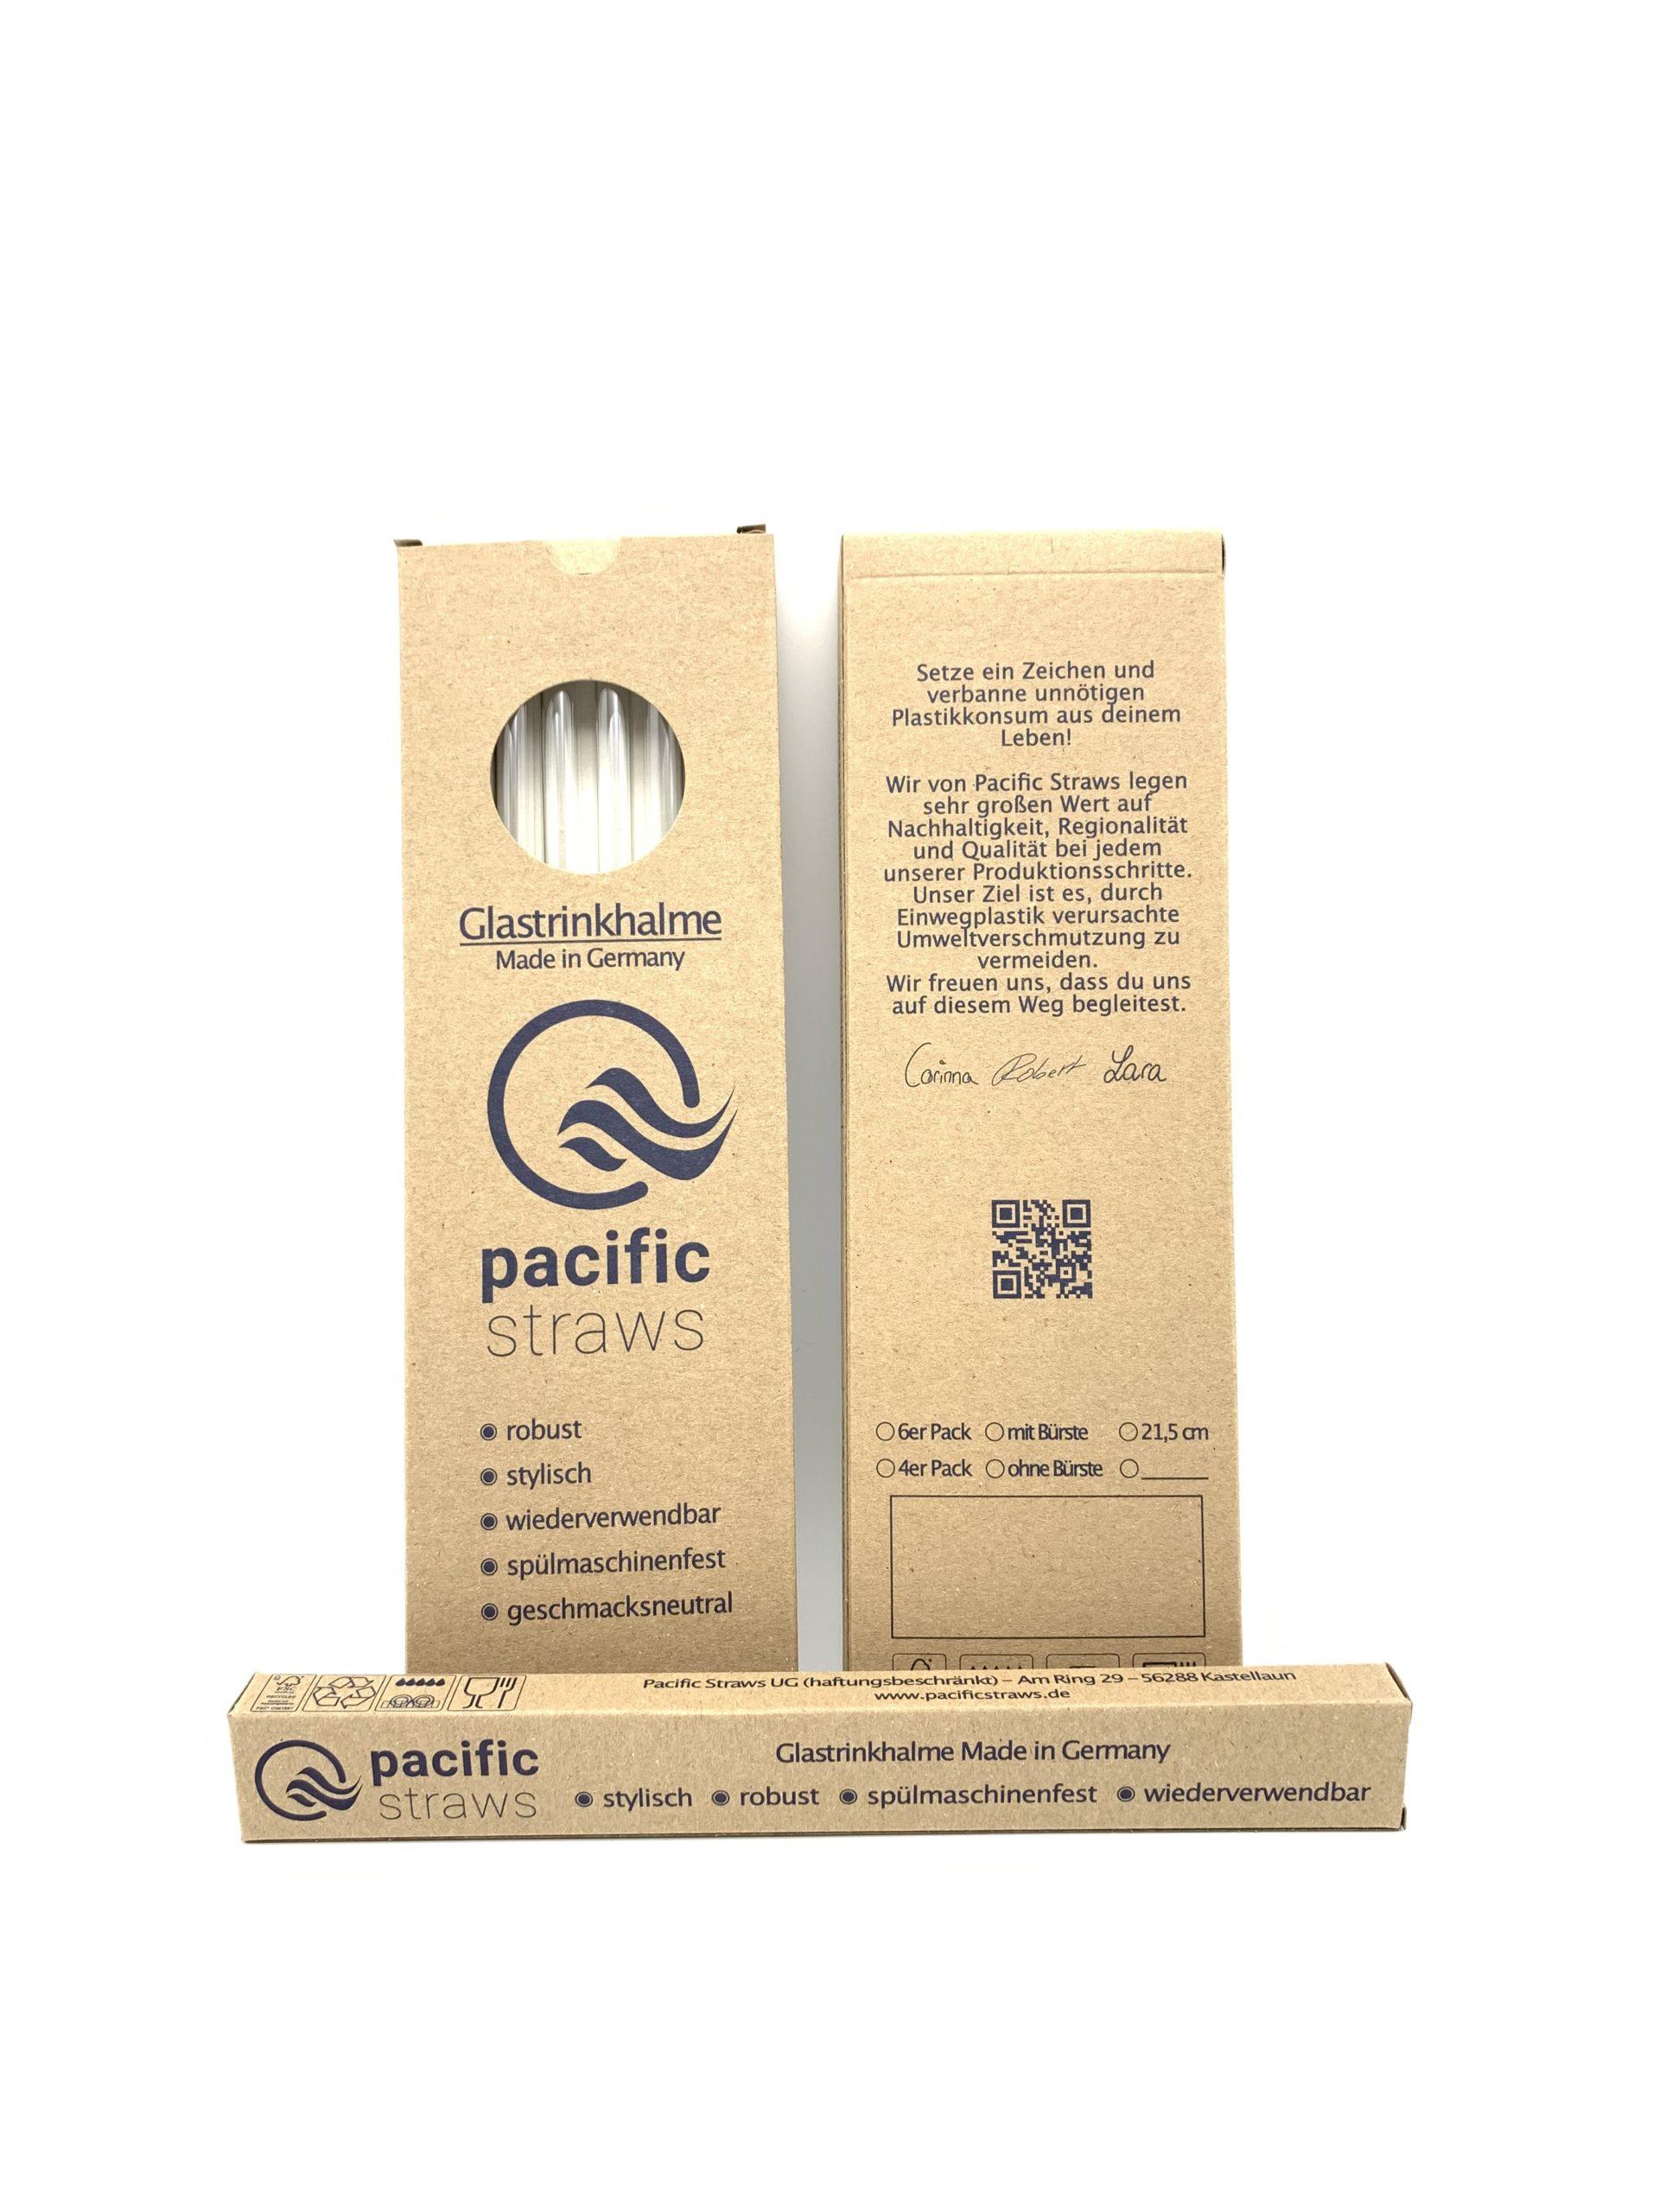 2er + 4er Pacific Straws